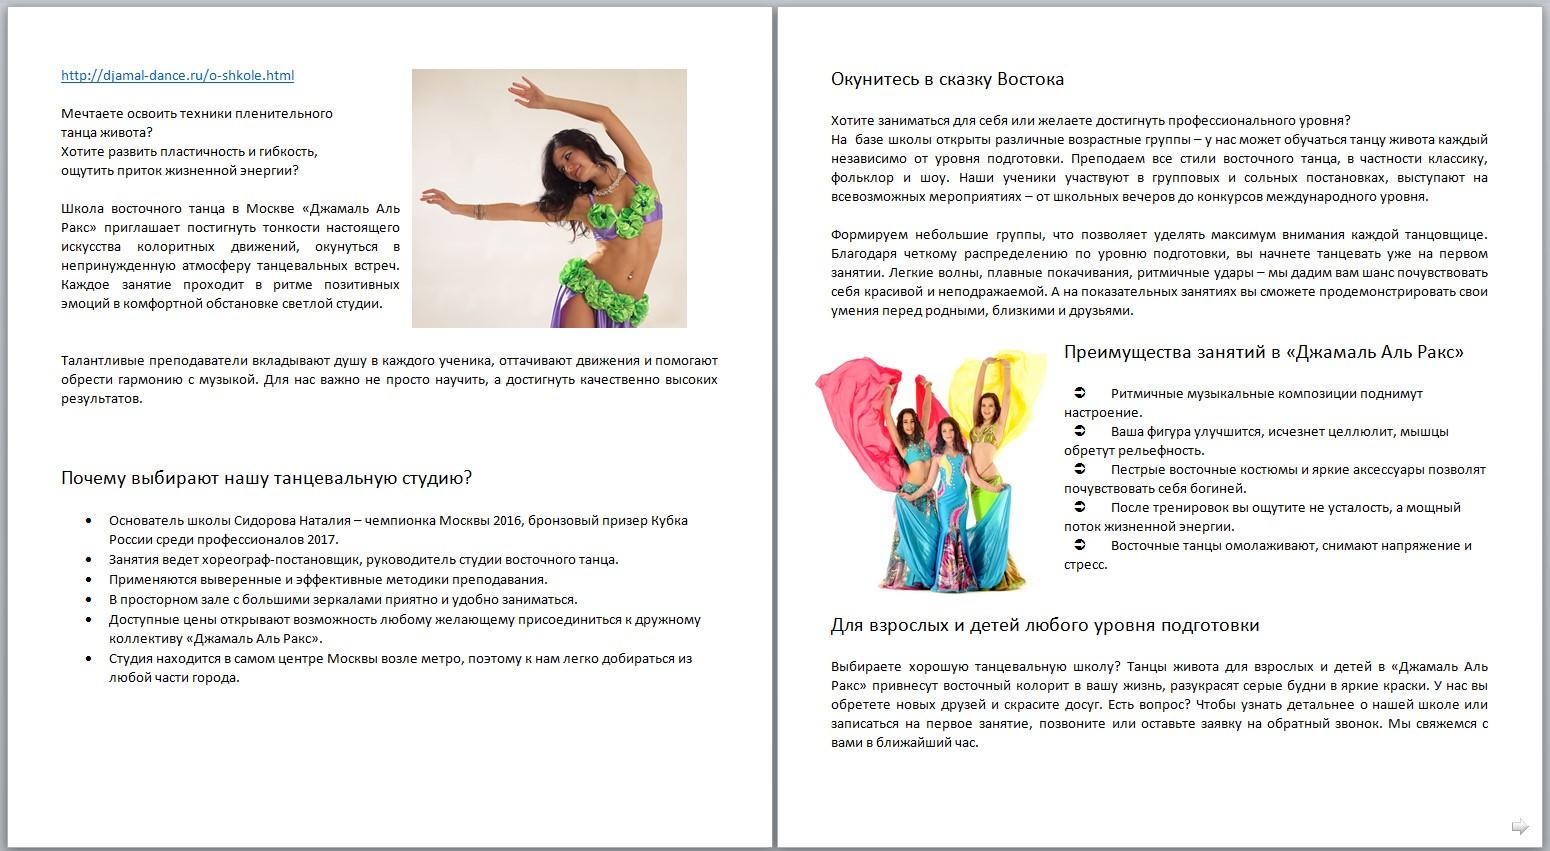 Главная страница.Школа восточных танцев в Москве